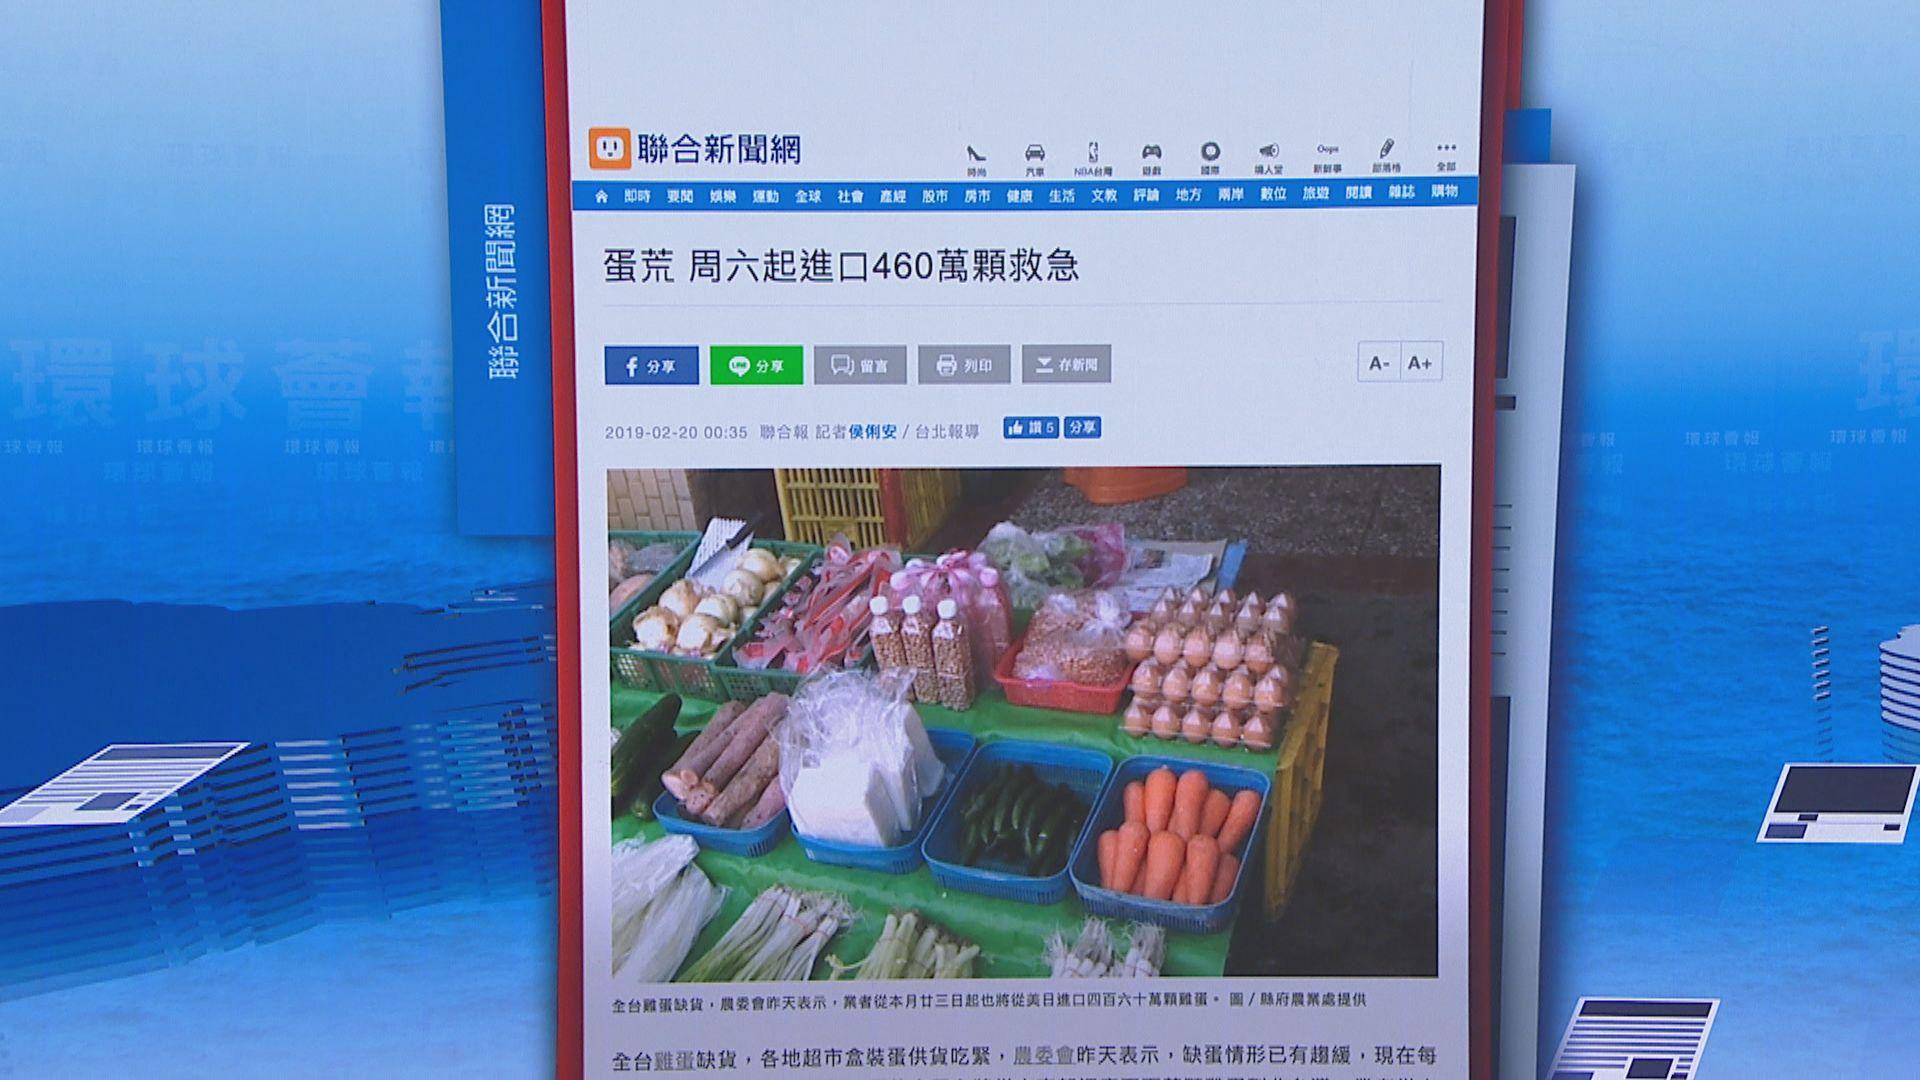 【環球薈報】台灣雞蛋供應短缺致價格創新高